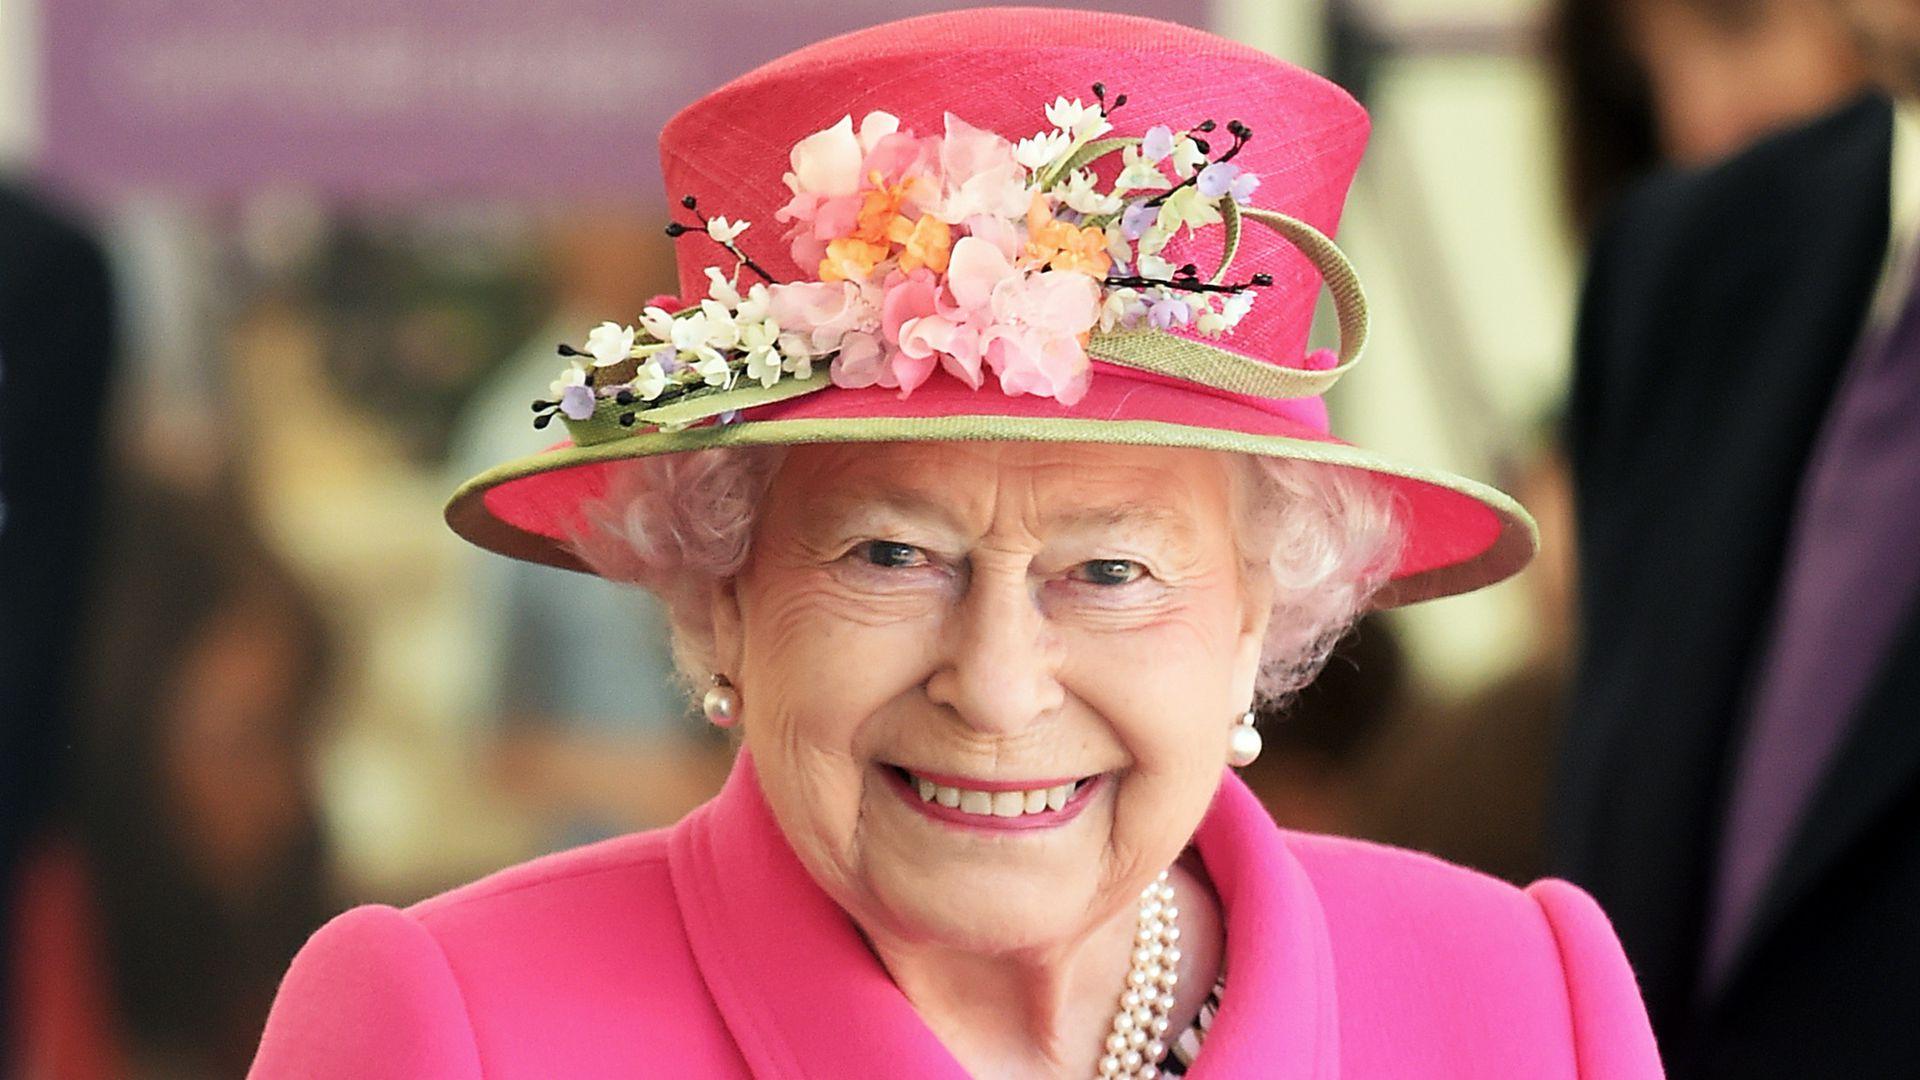 435 Millionen: So viel hat die Queen auf der hohen Kante